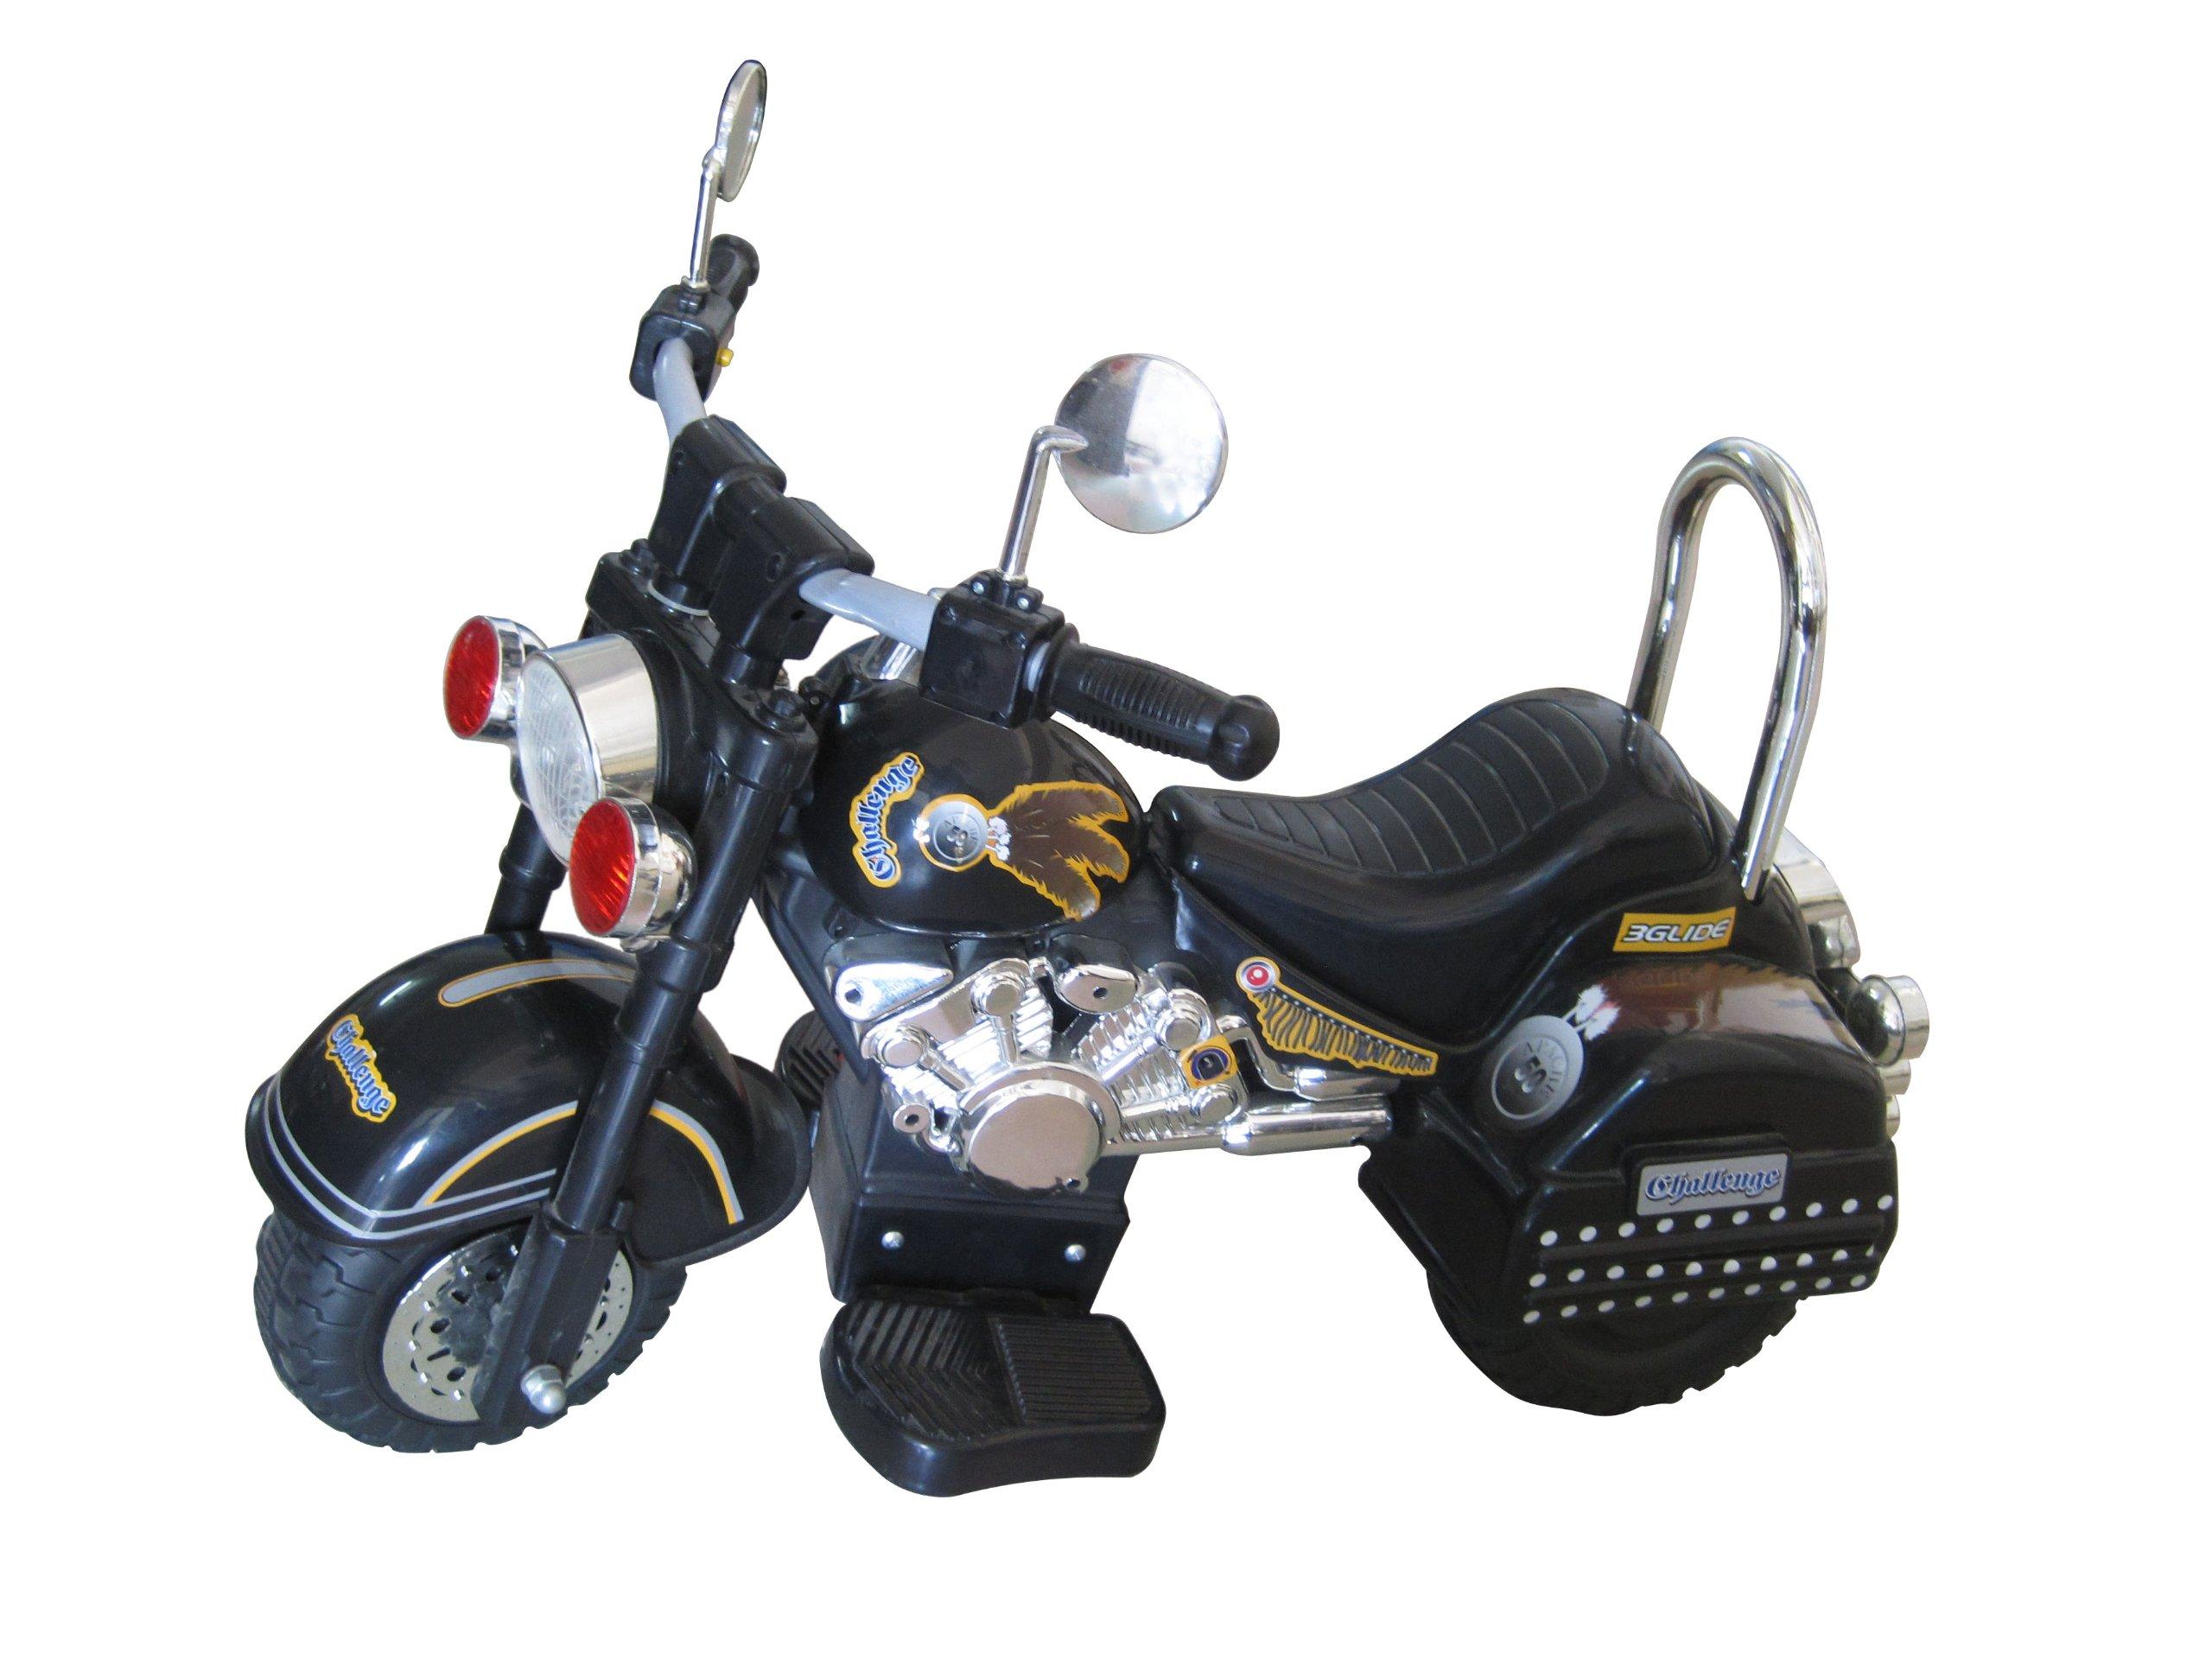 Merske Harley Style 6V Battery Operated Kids Motorcycle, Black by Merske